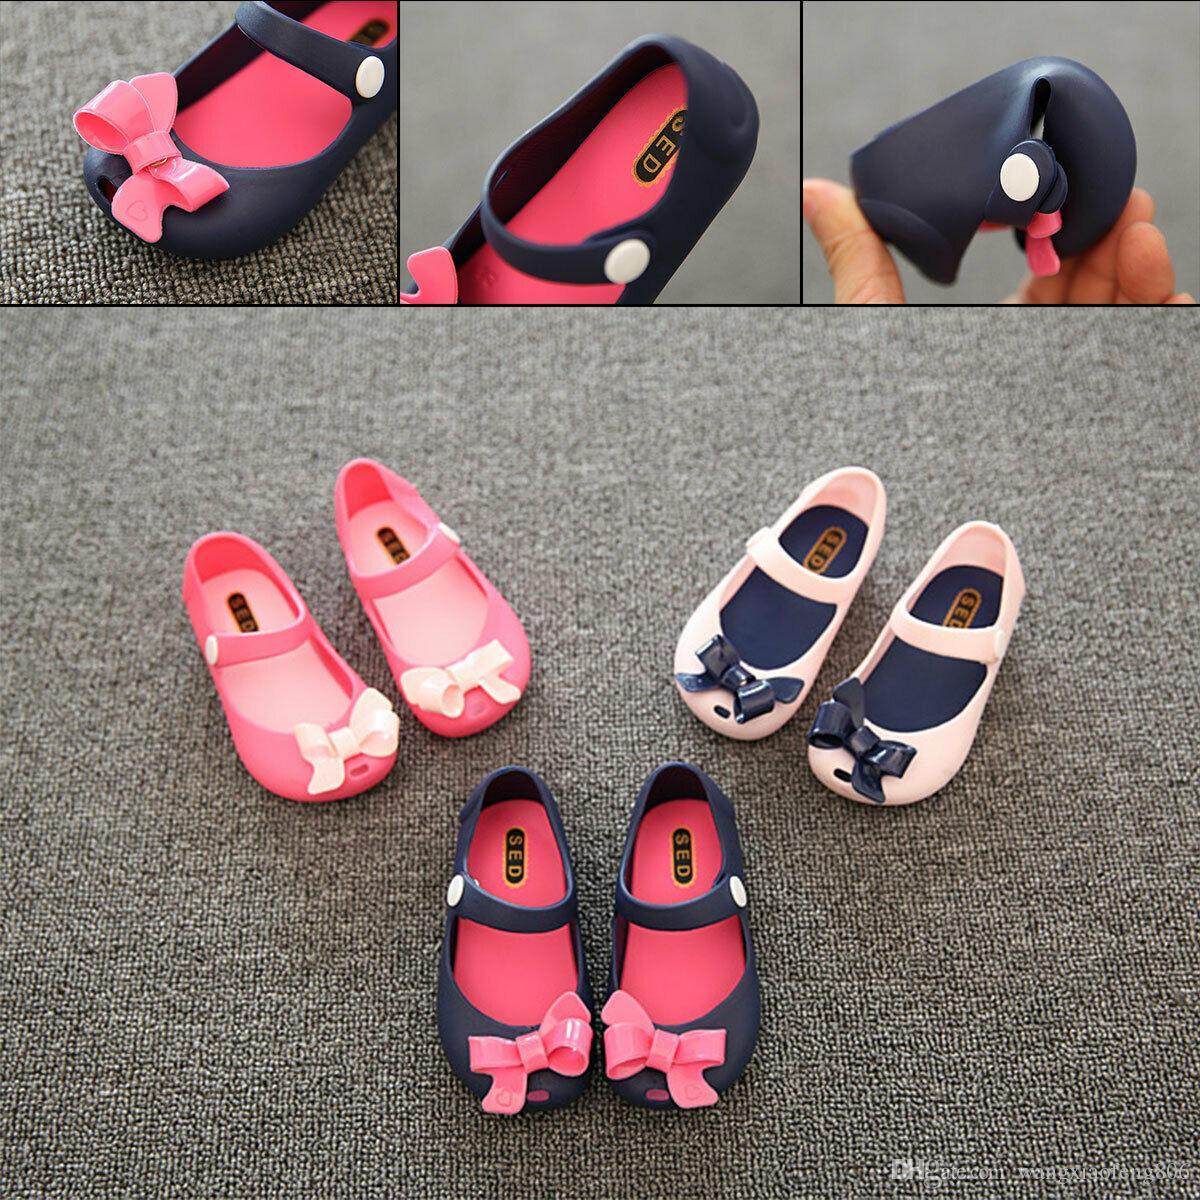 2019 키즈 베이비 여름 신발 아동 샌들 아기 소녀 공주 신발 샌들 미끄럼 플라스틱 활 버클 젤리 신발 1-6Y